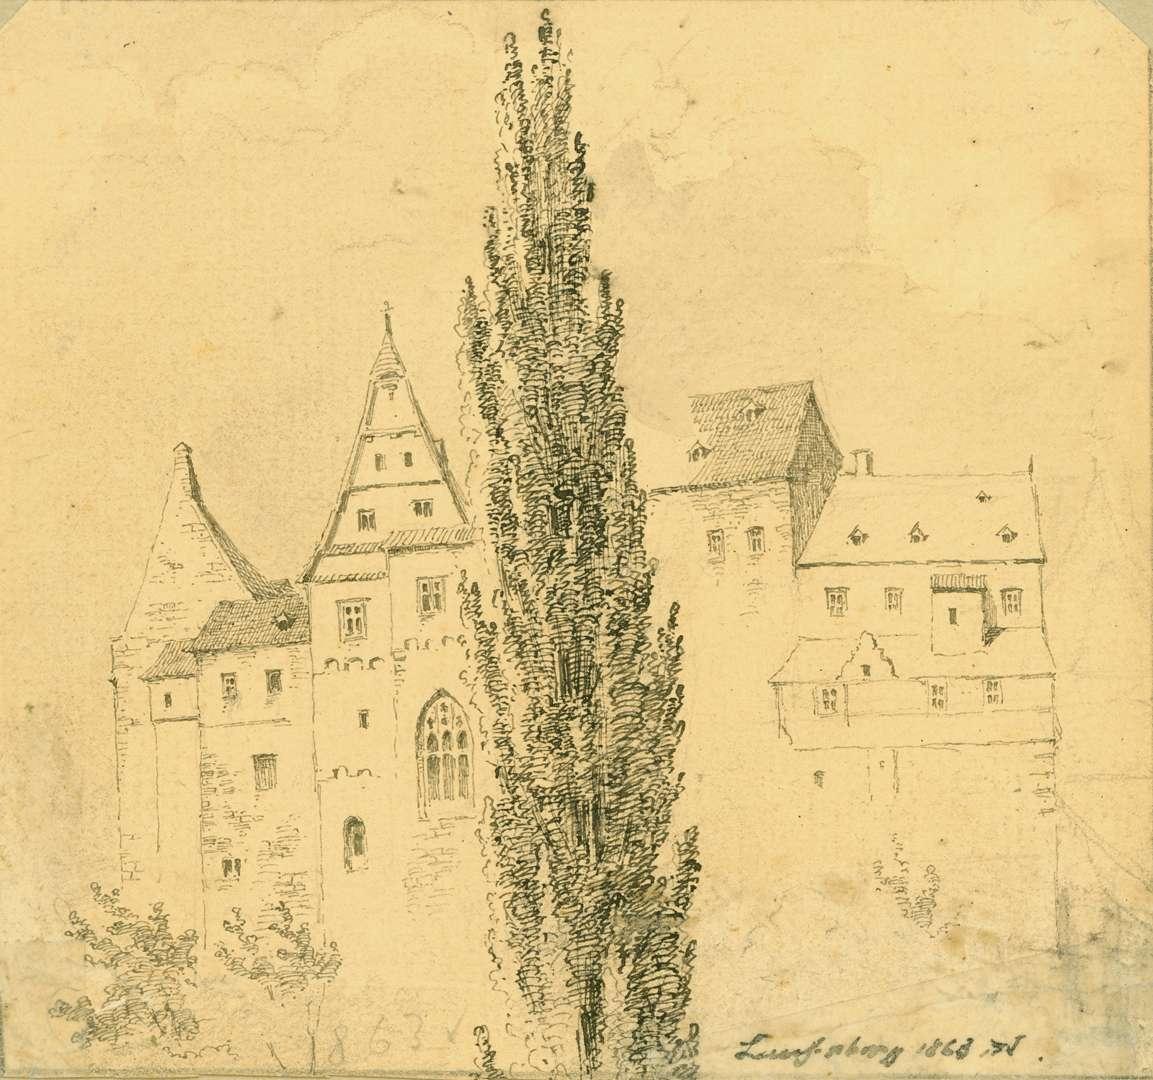 Laufenburg Stadtmauer mit Häusern, Bild 1